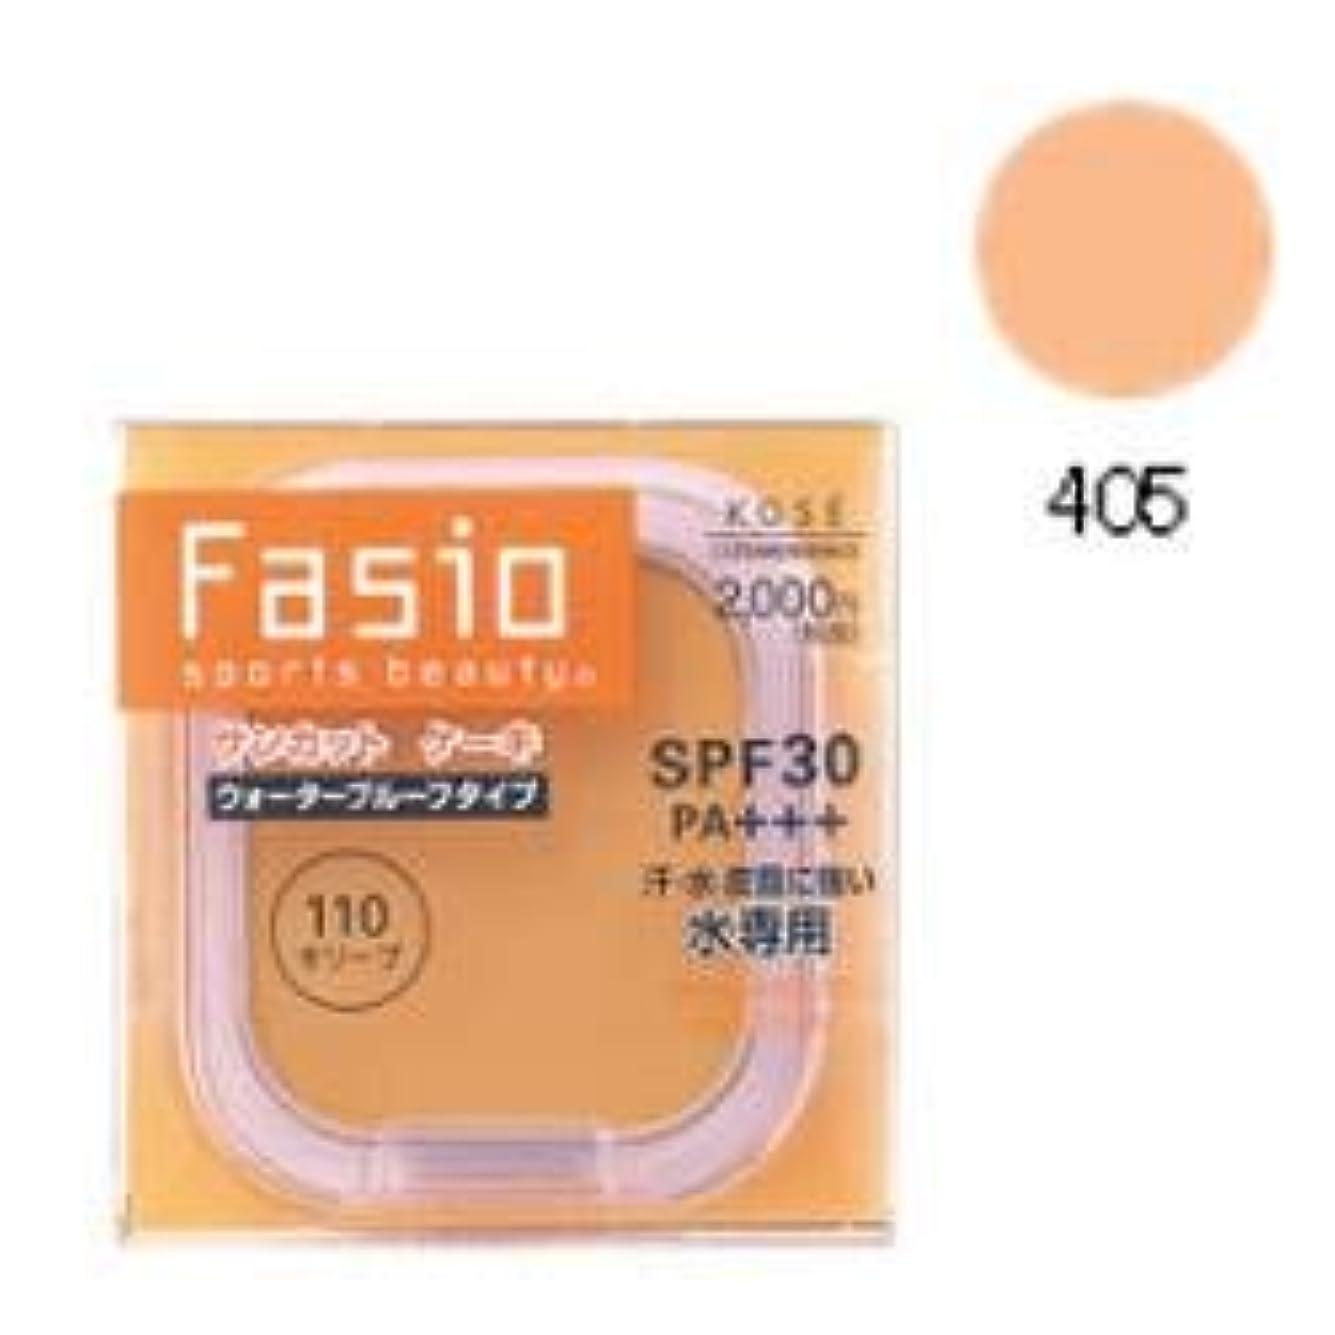 祝福するバーベキューケーキコーセー Fasio ファシオ サンカット ケーキ 詰め替え用 405